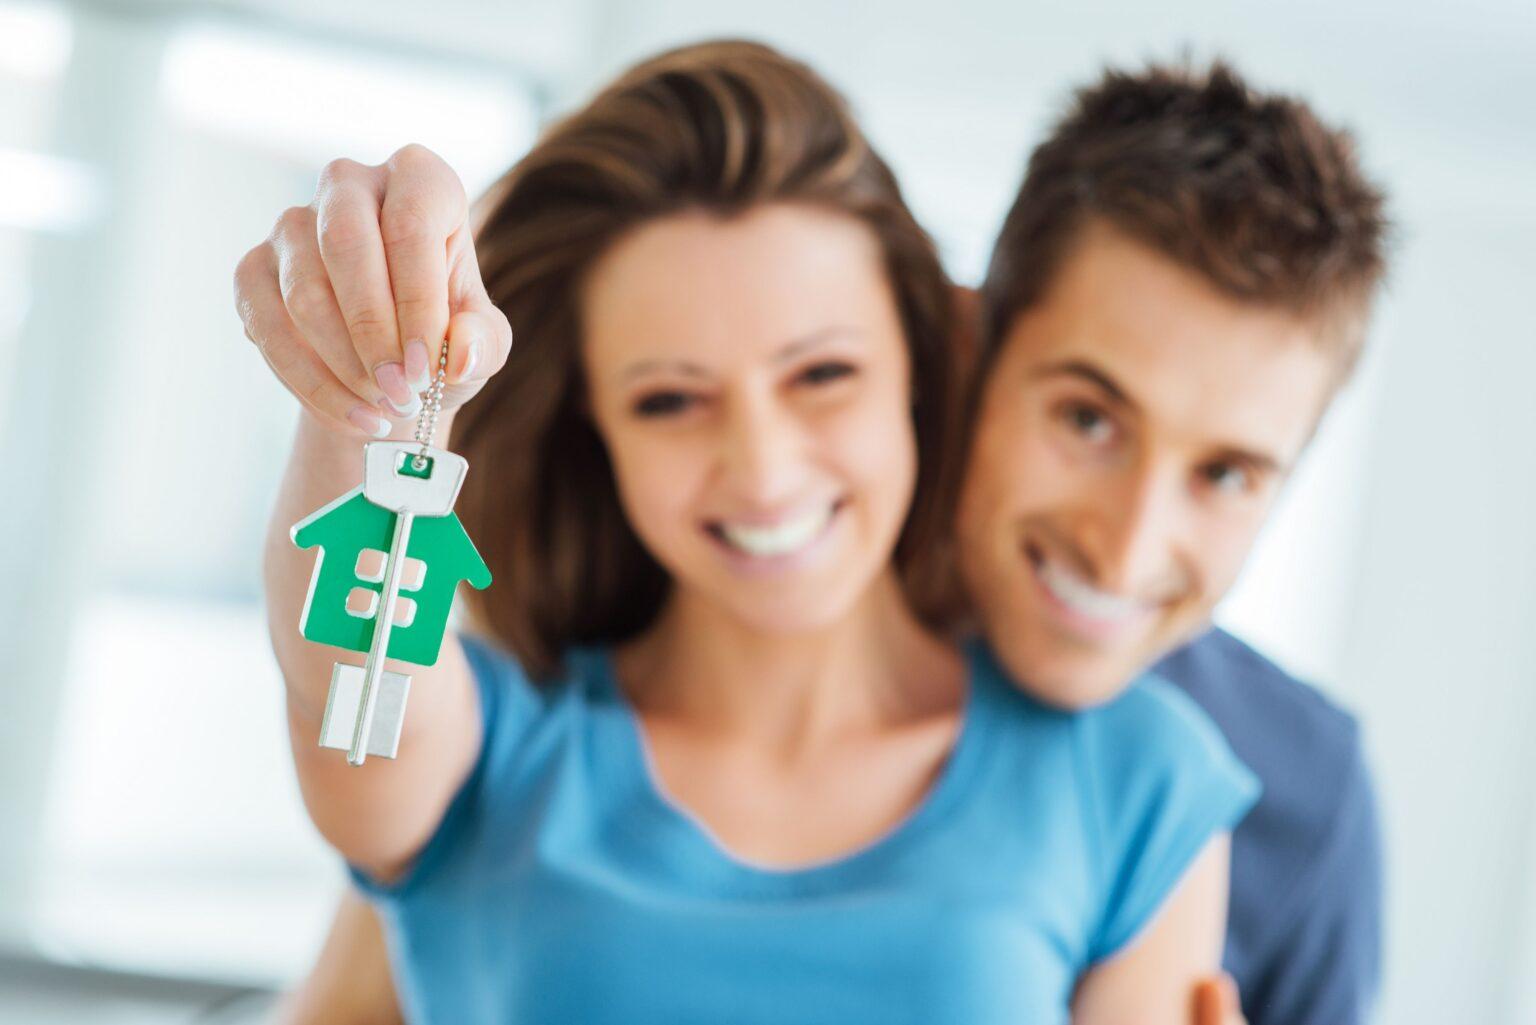 Przeniesienie kredytu hipotecznego